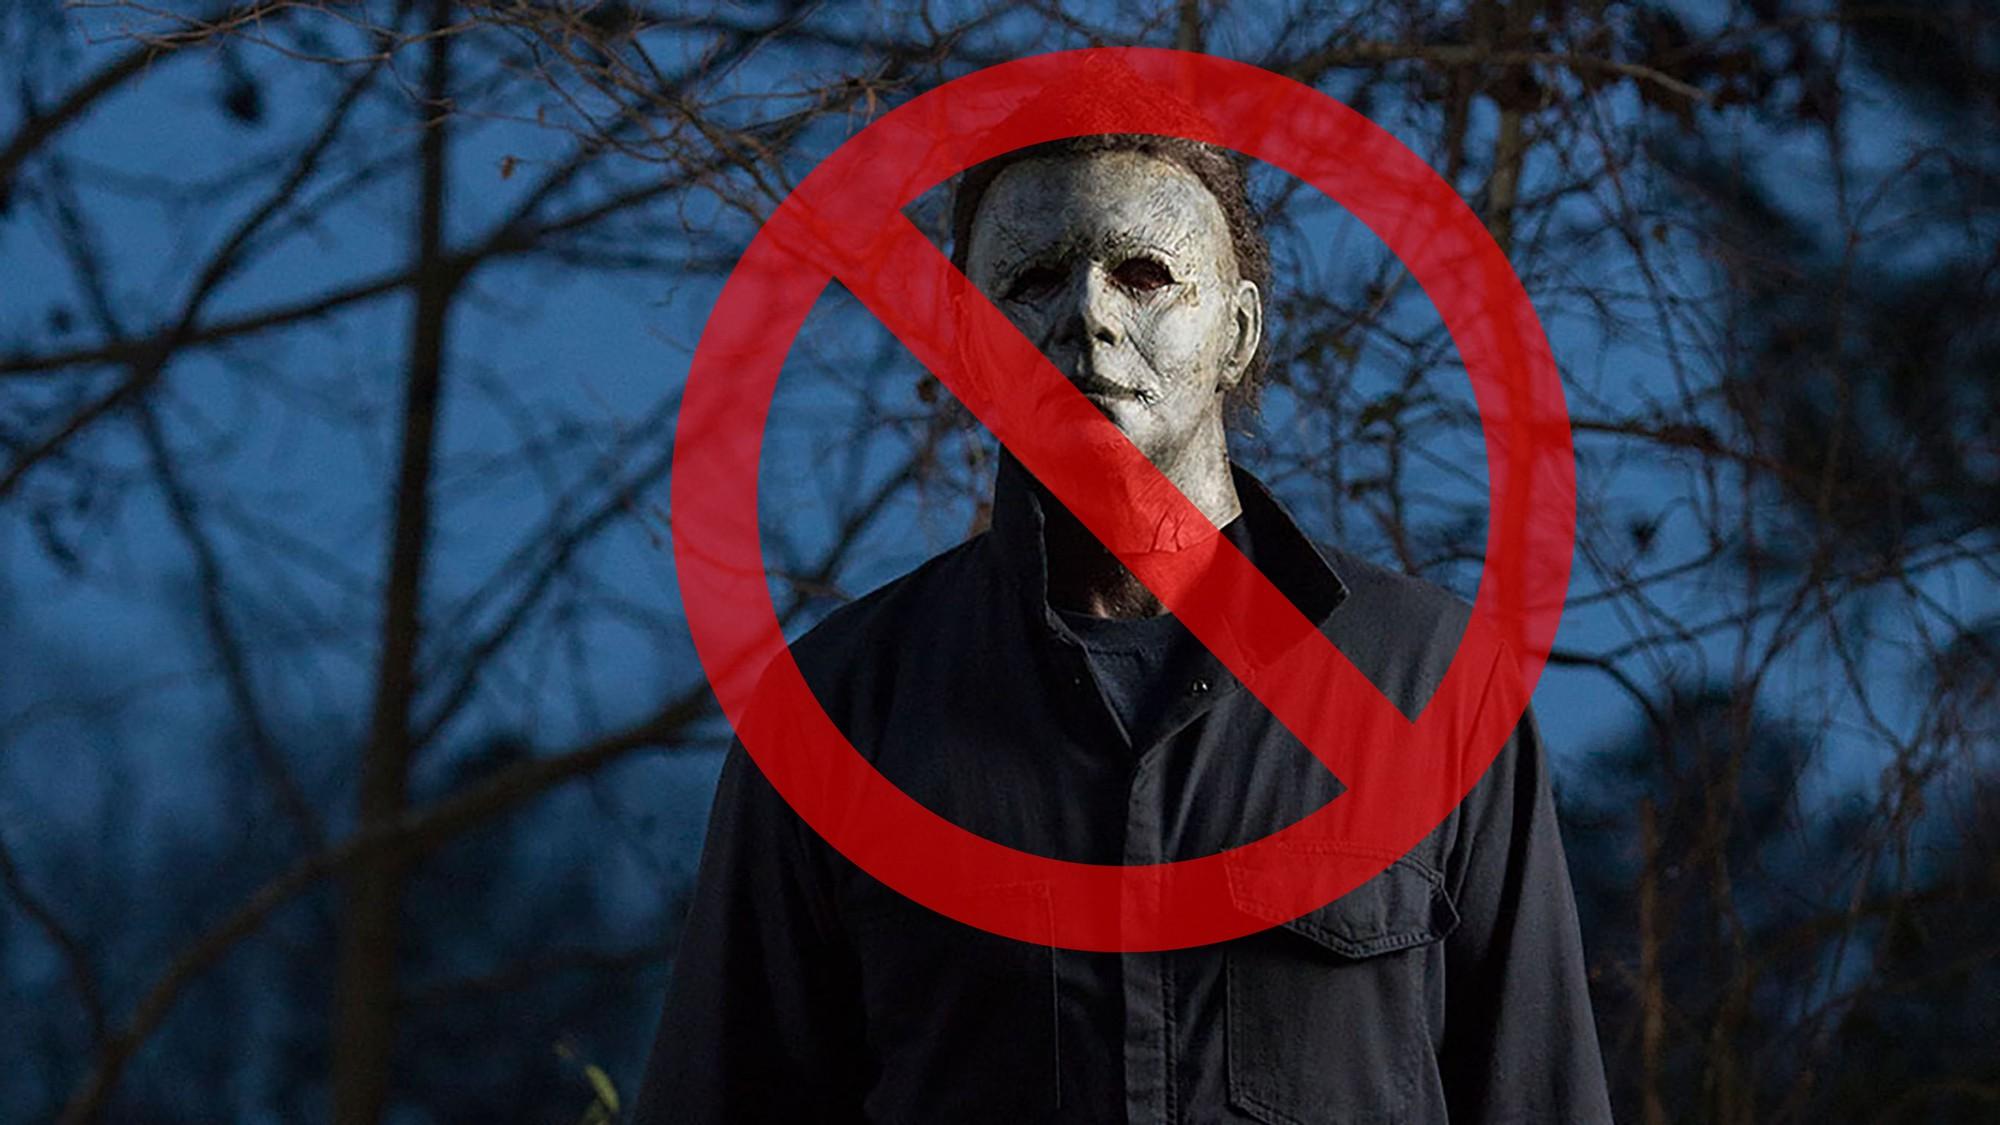 Phim kinh dị Halloween không lọt cửa kiểm duyệt, lỡ hẹn khán giả Việt tháng 10